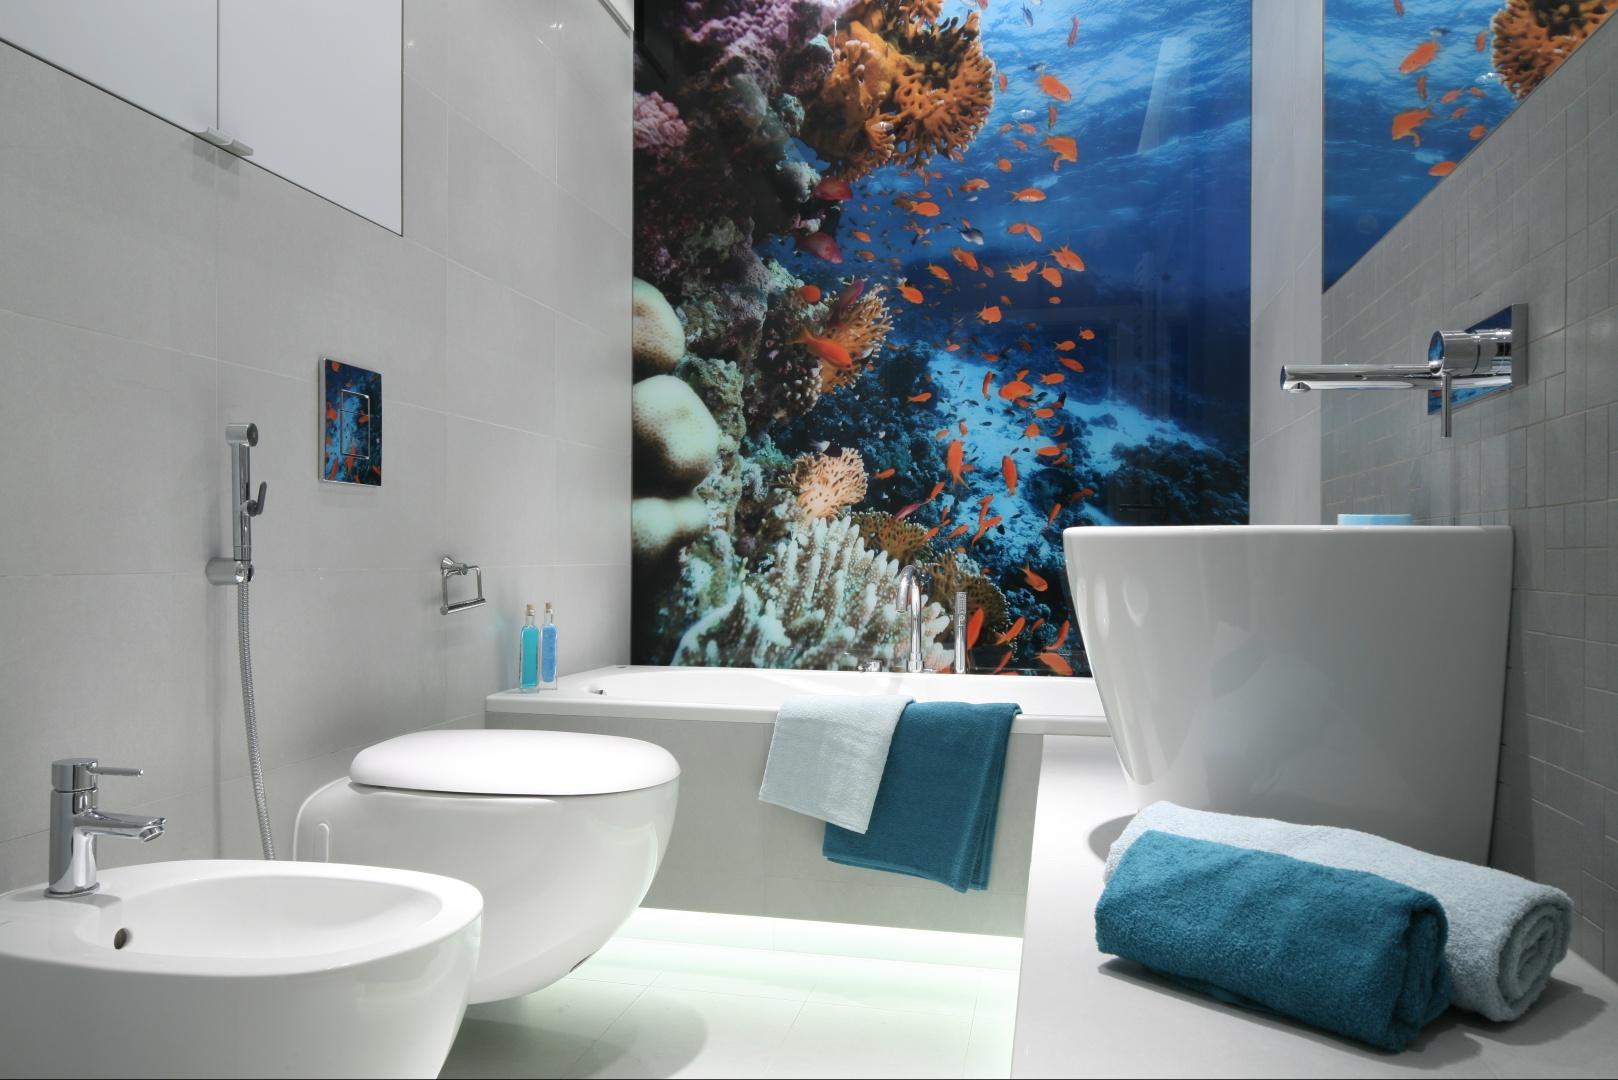 Motyw rafy koralowej to idealna propozycja do każdej łazienki. Jej niepowtarzalny urok podkreśli kąpielowy charakter pomieszczenia, a żywe kolory pozwolą stworzyć energetyczne wnętrze. Projekt Anna Maria Sokołowska. Fot. Bartosz Jarosz.